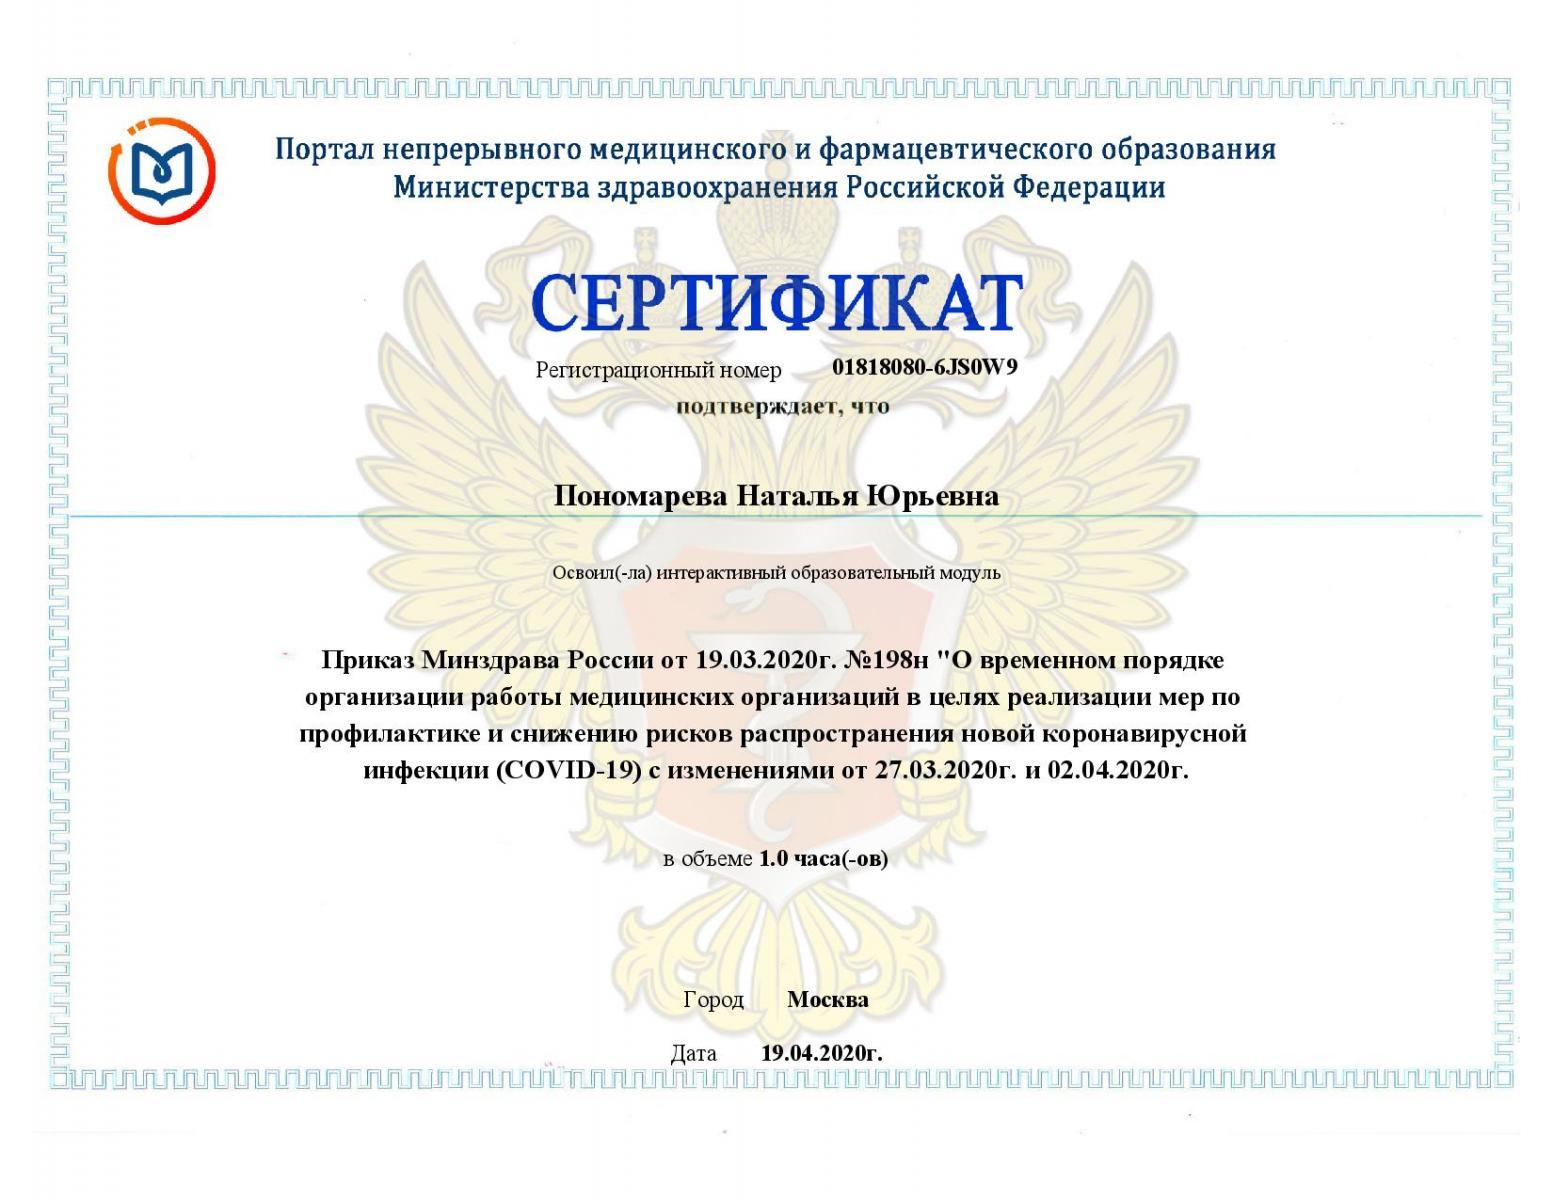 СертификатПриказ-page-001